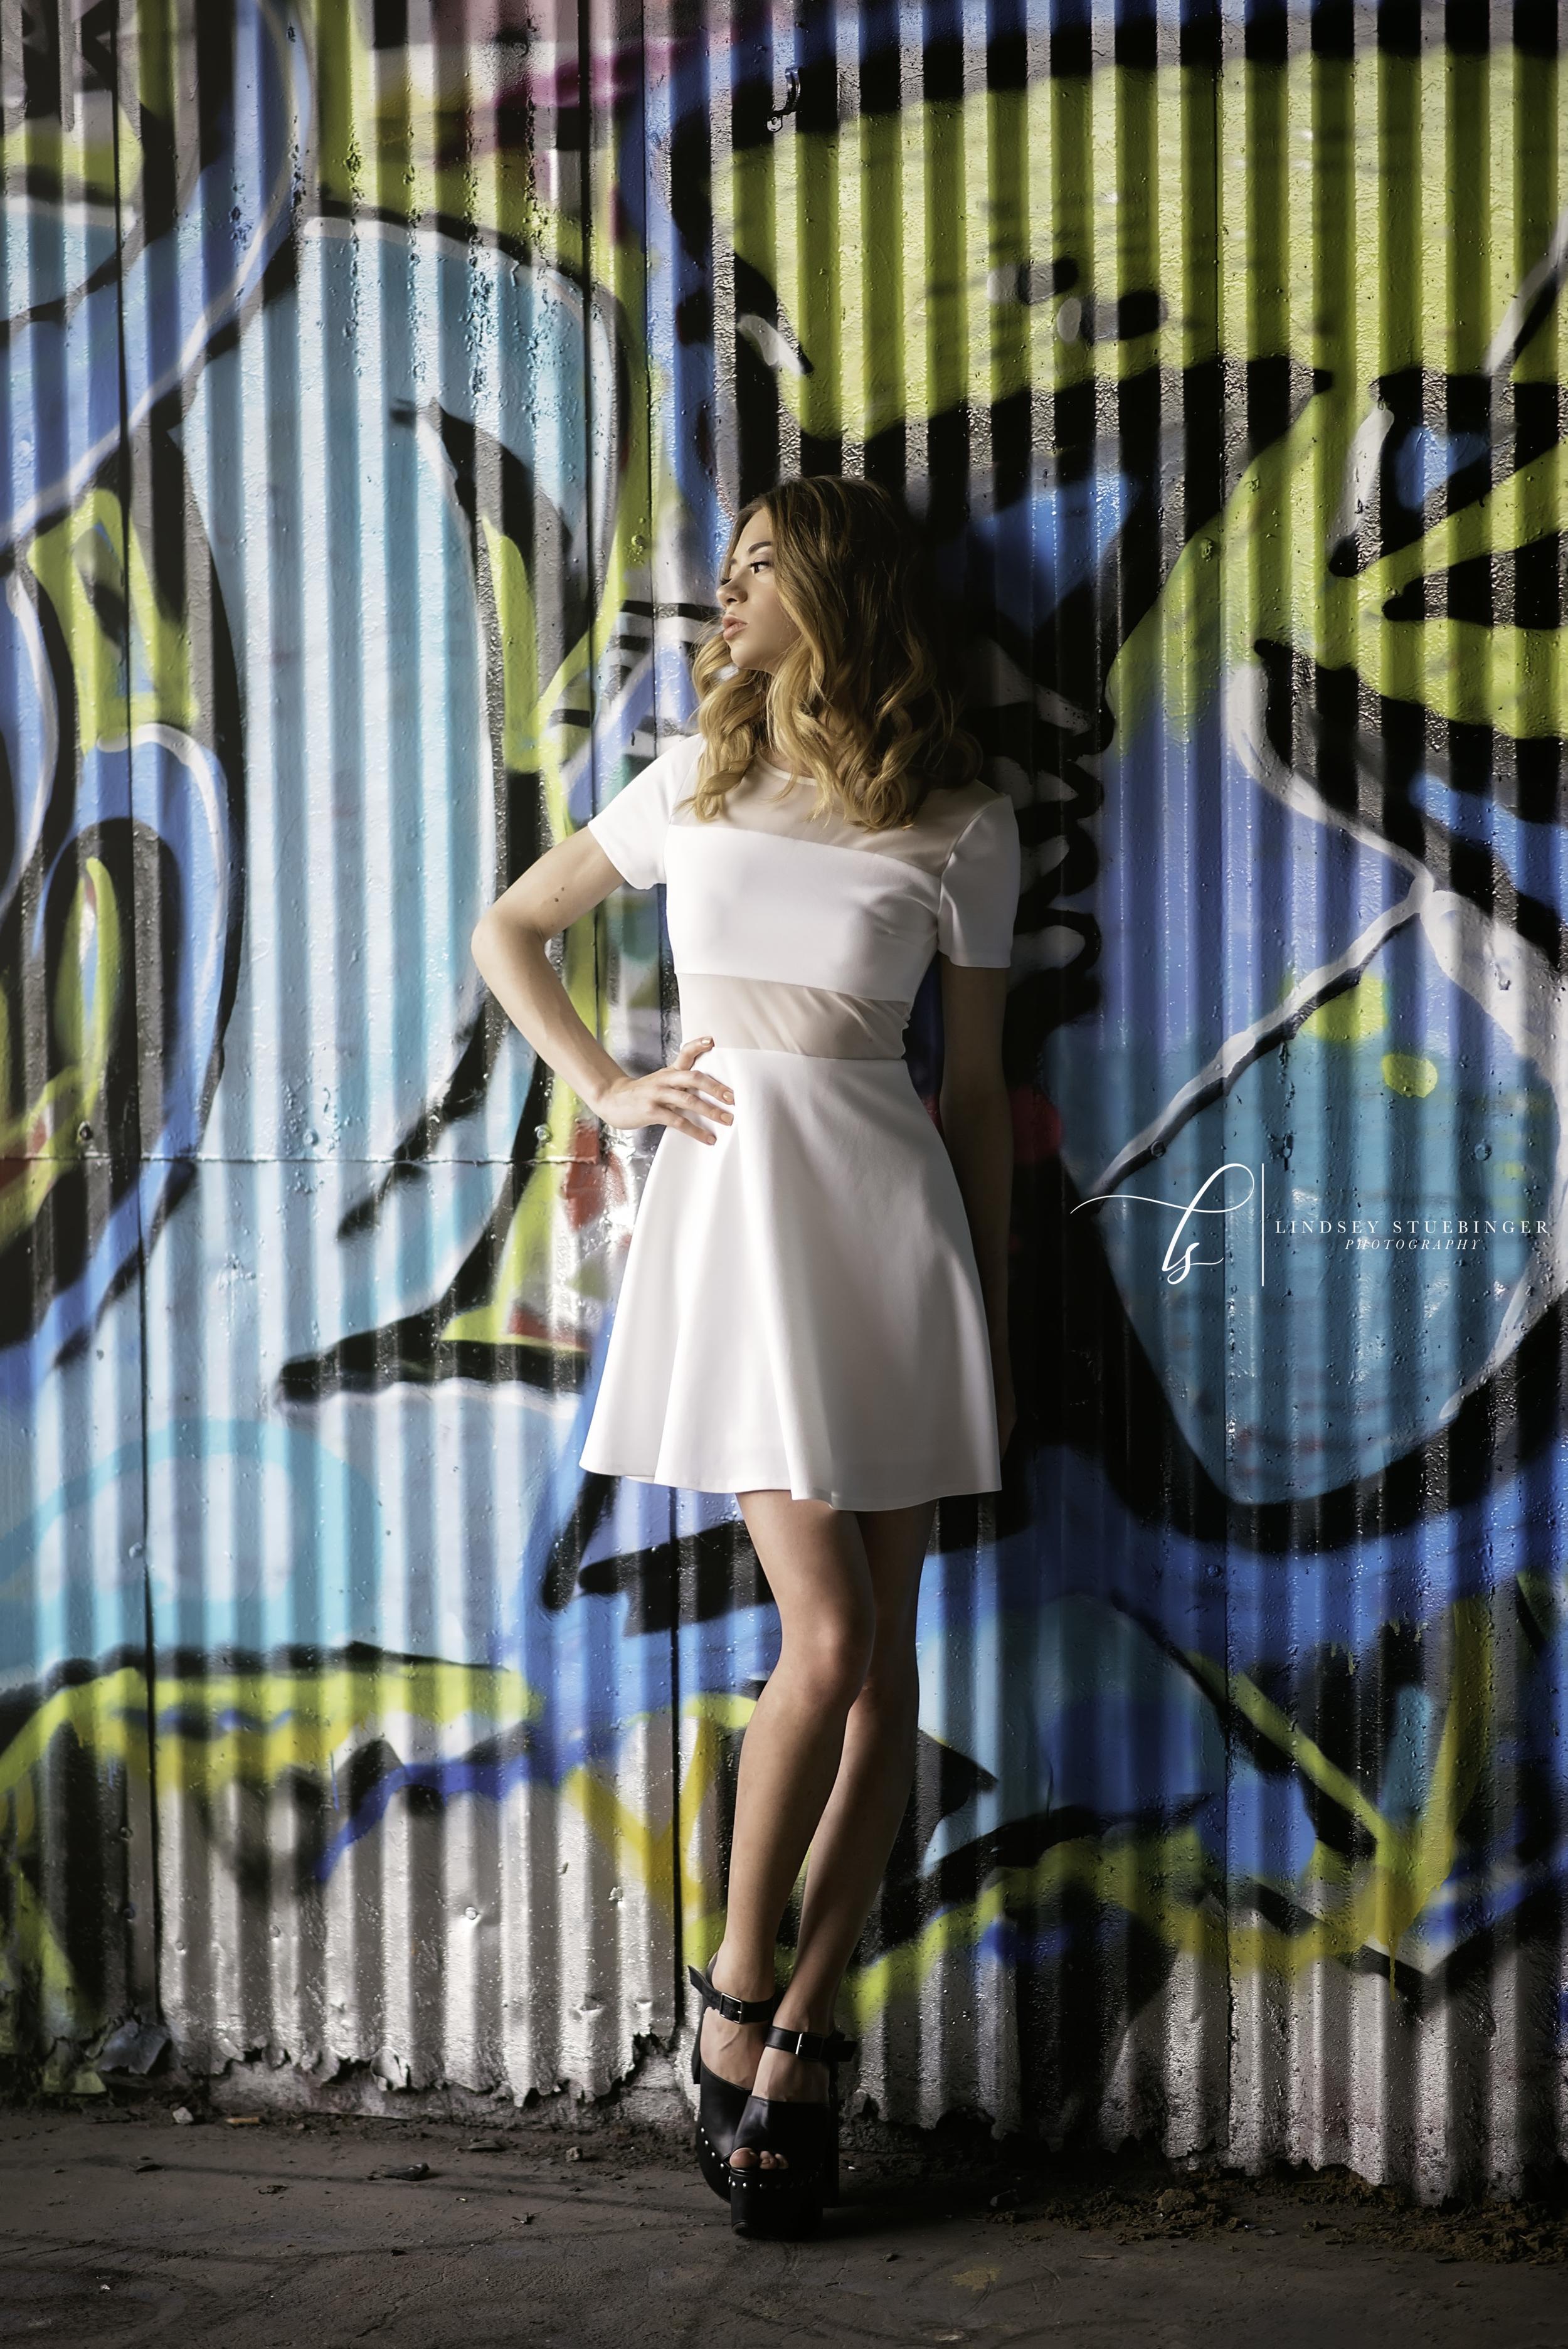 Model: Becky Rinard